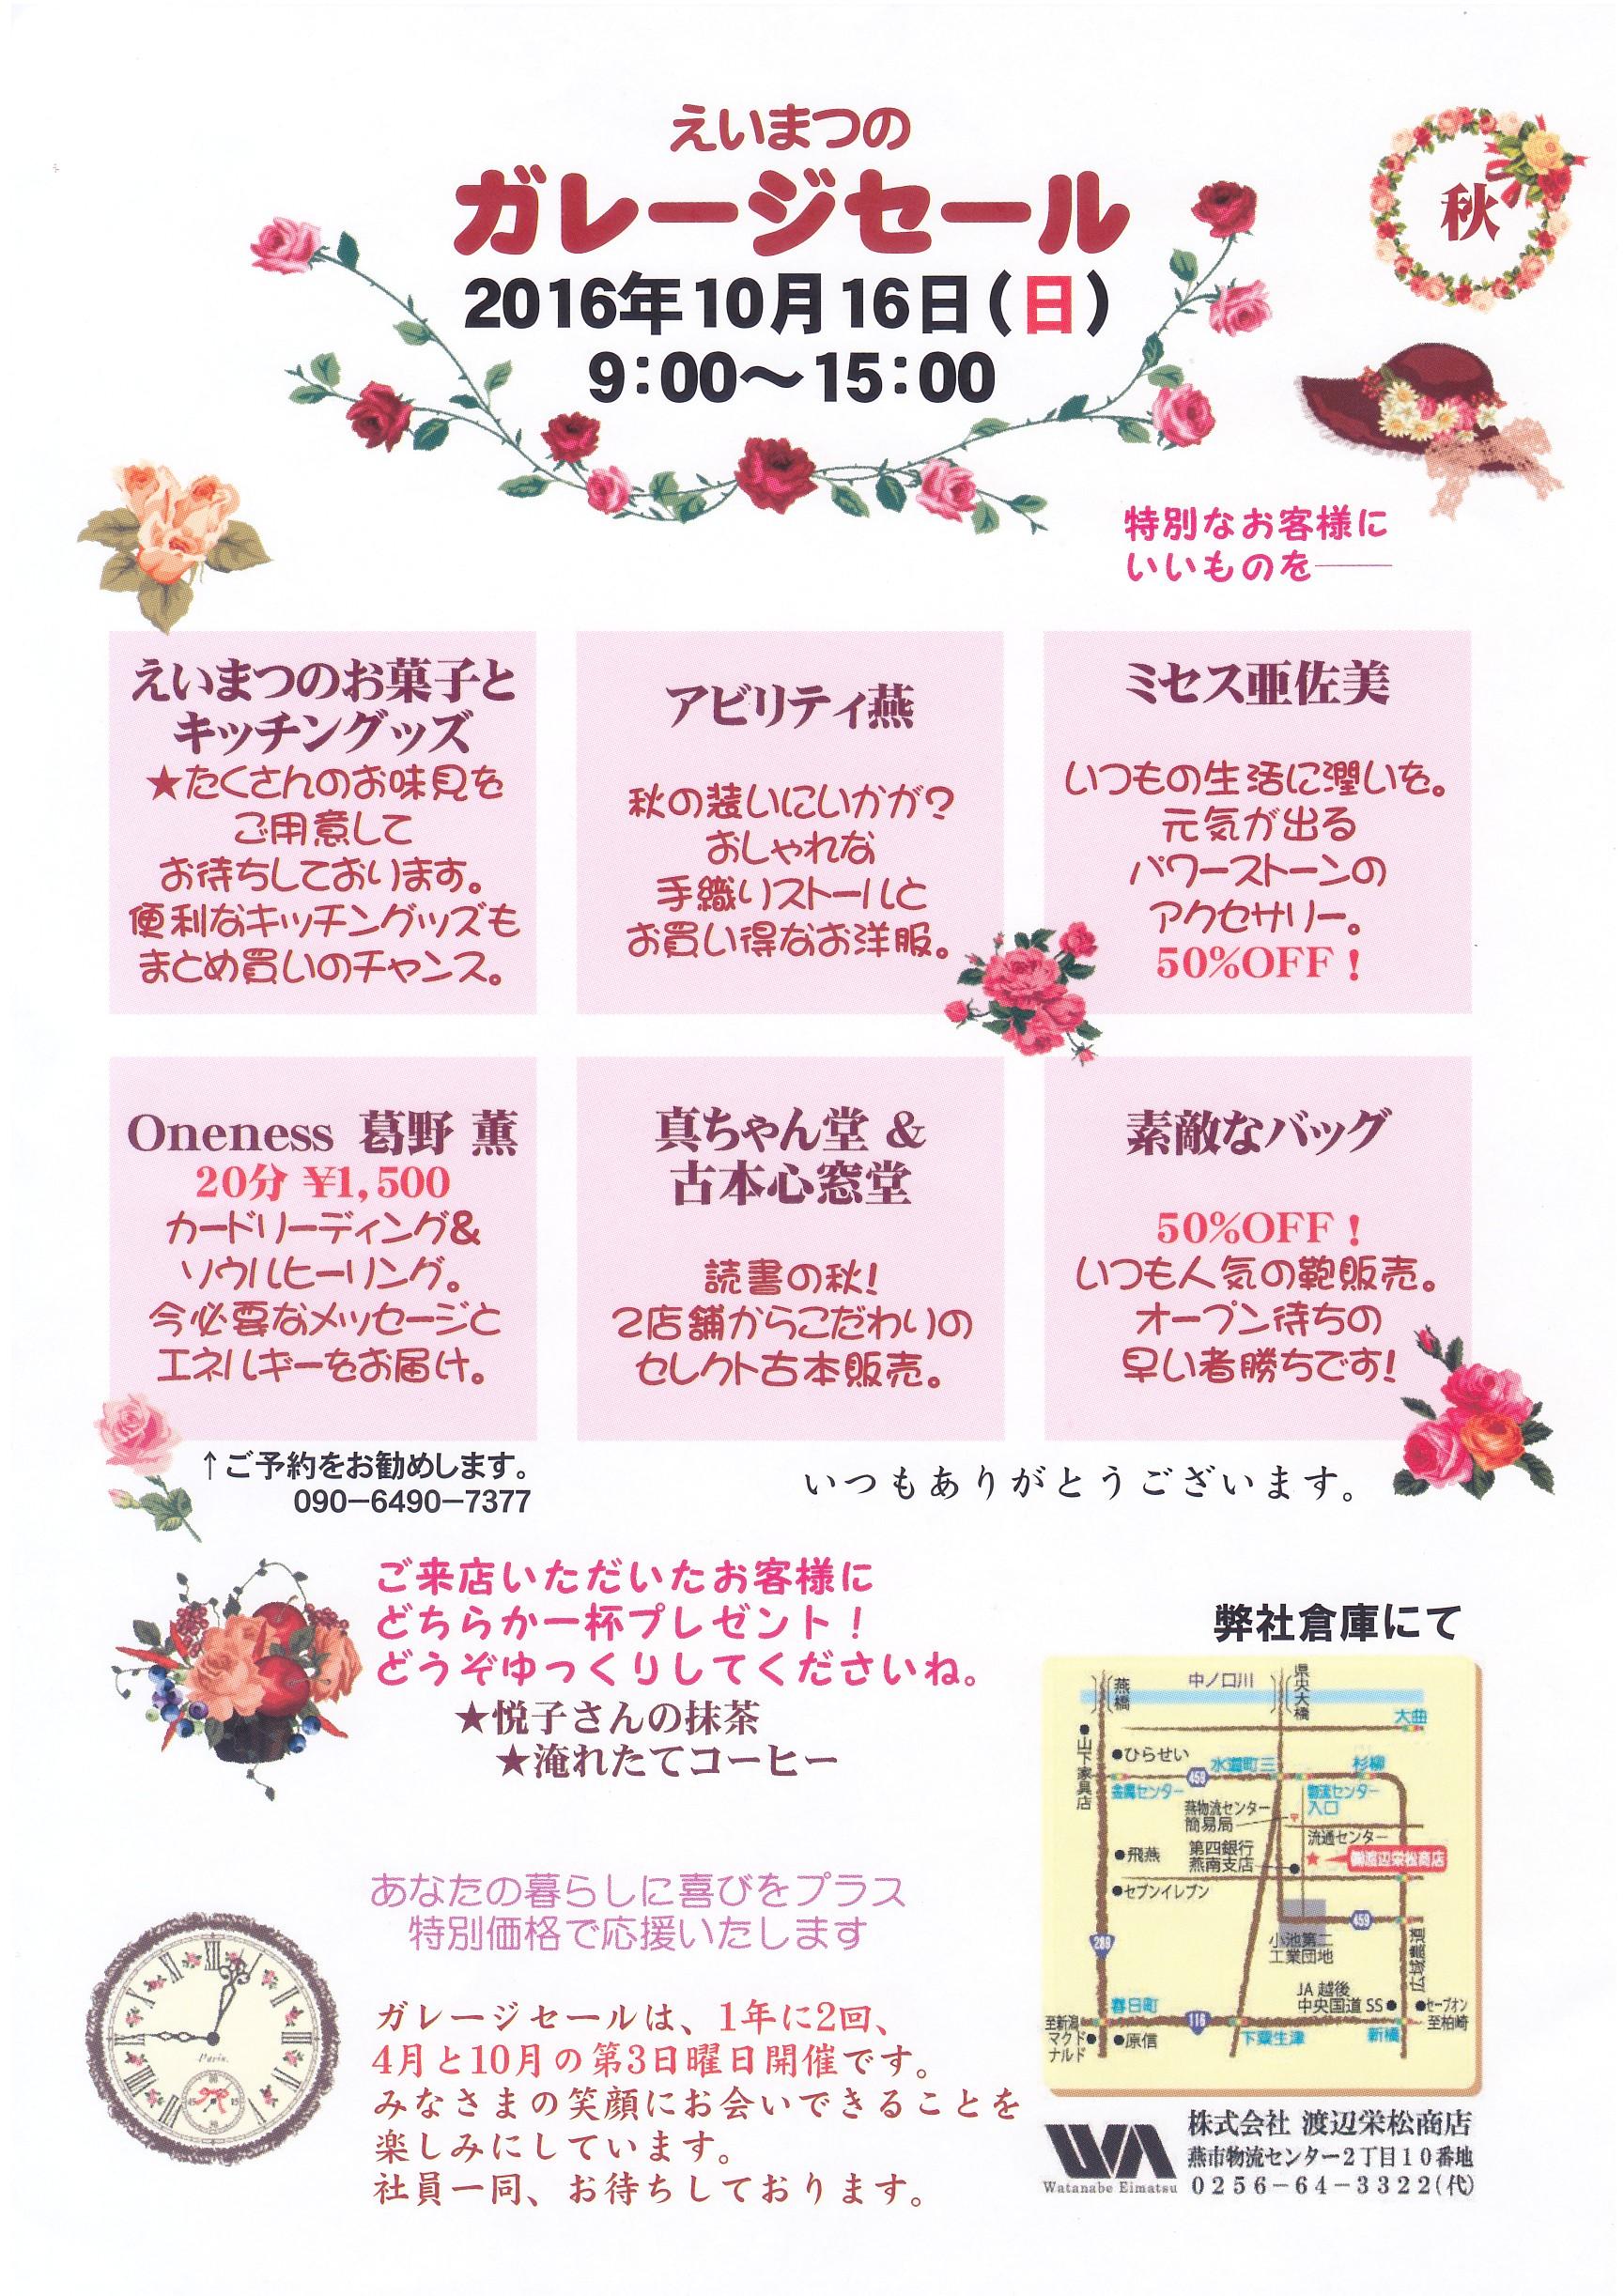 渡辺栄松商店さん ガレージセール 10/16(日)